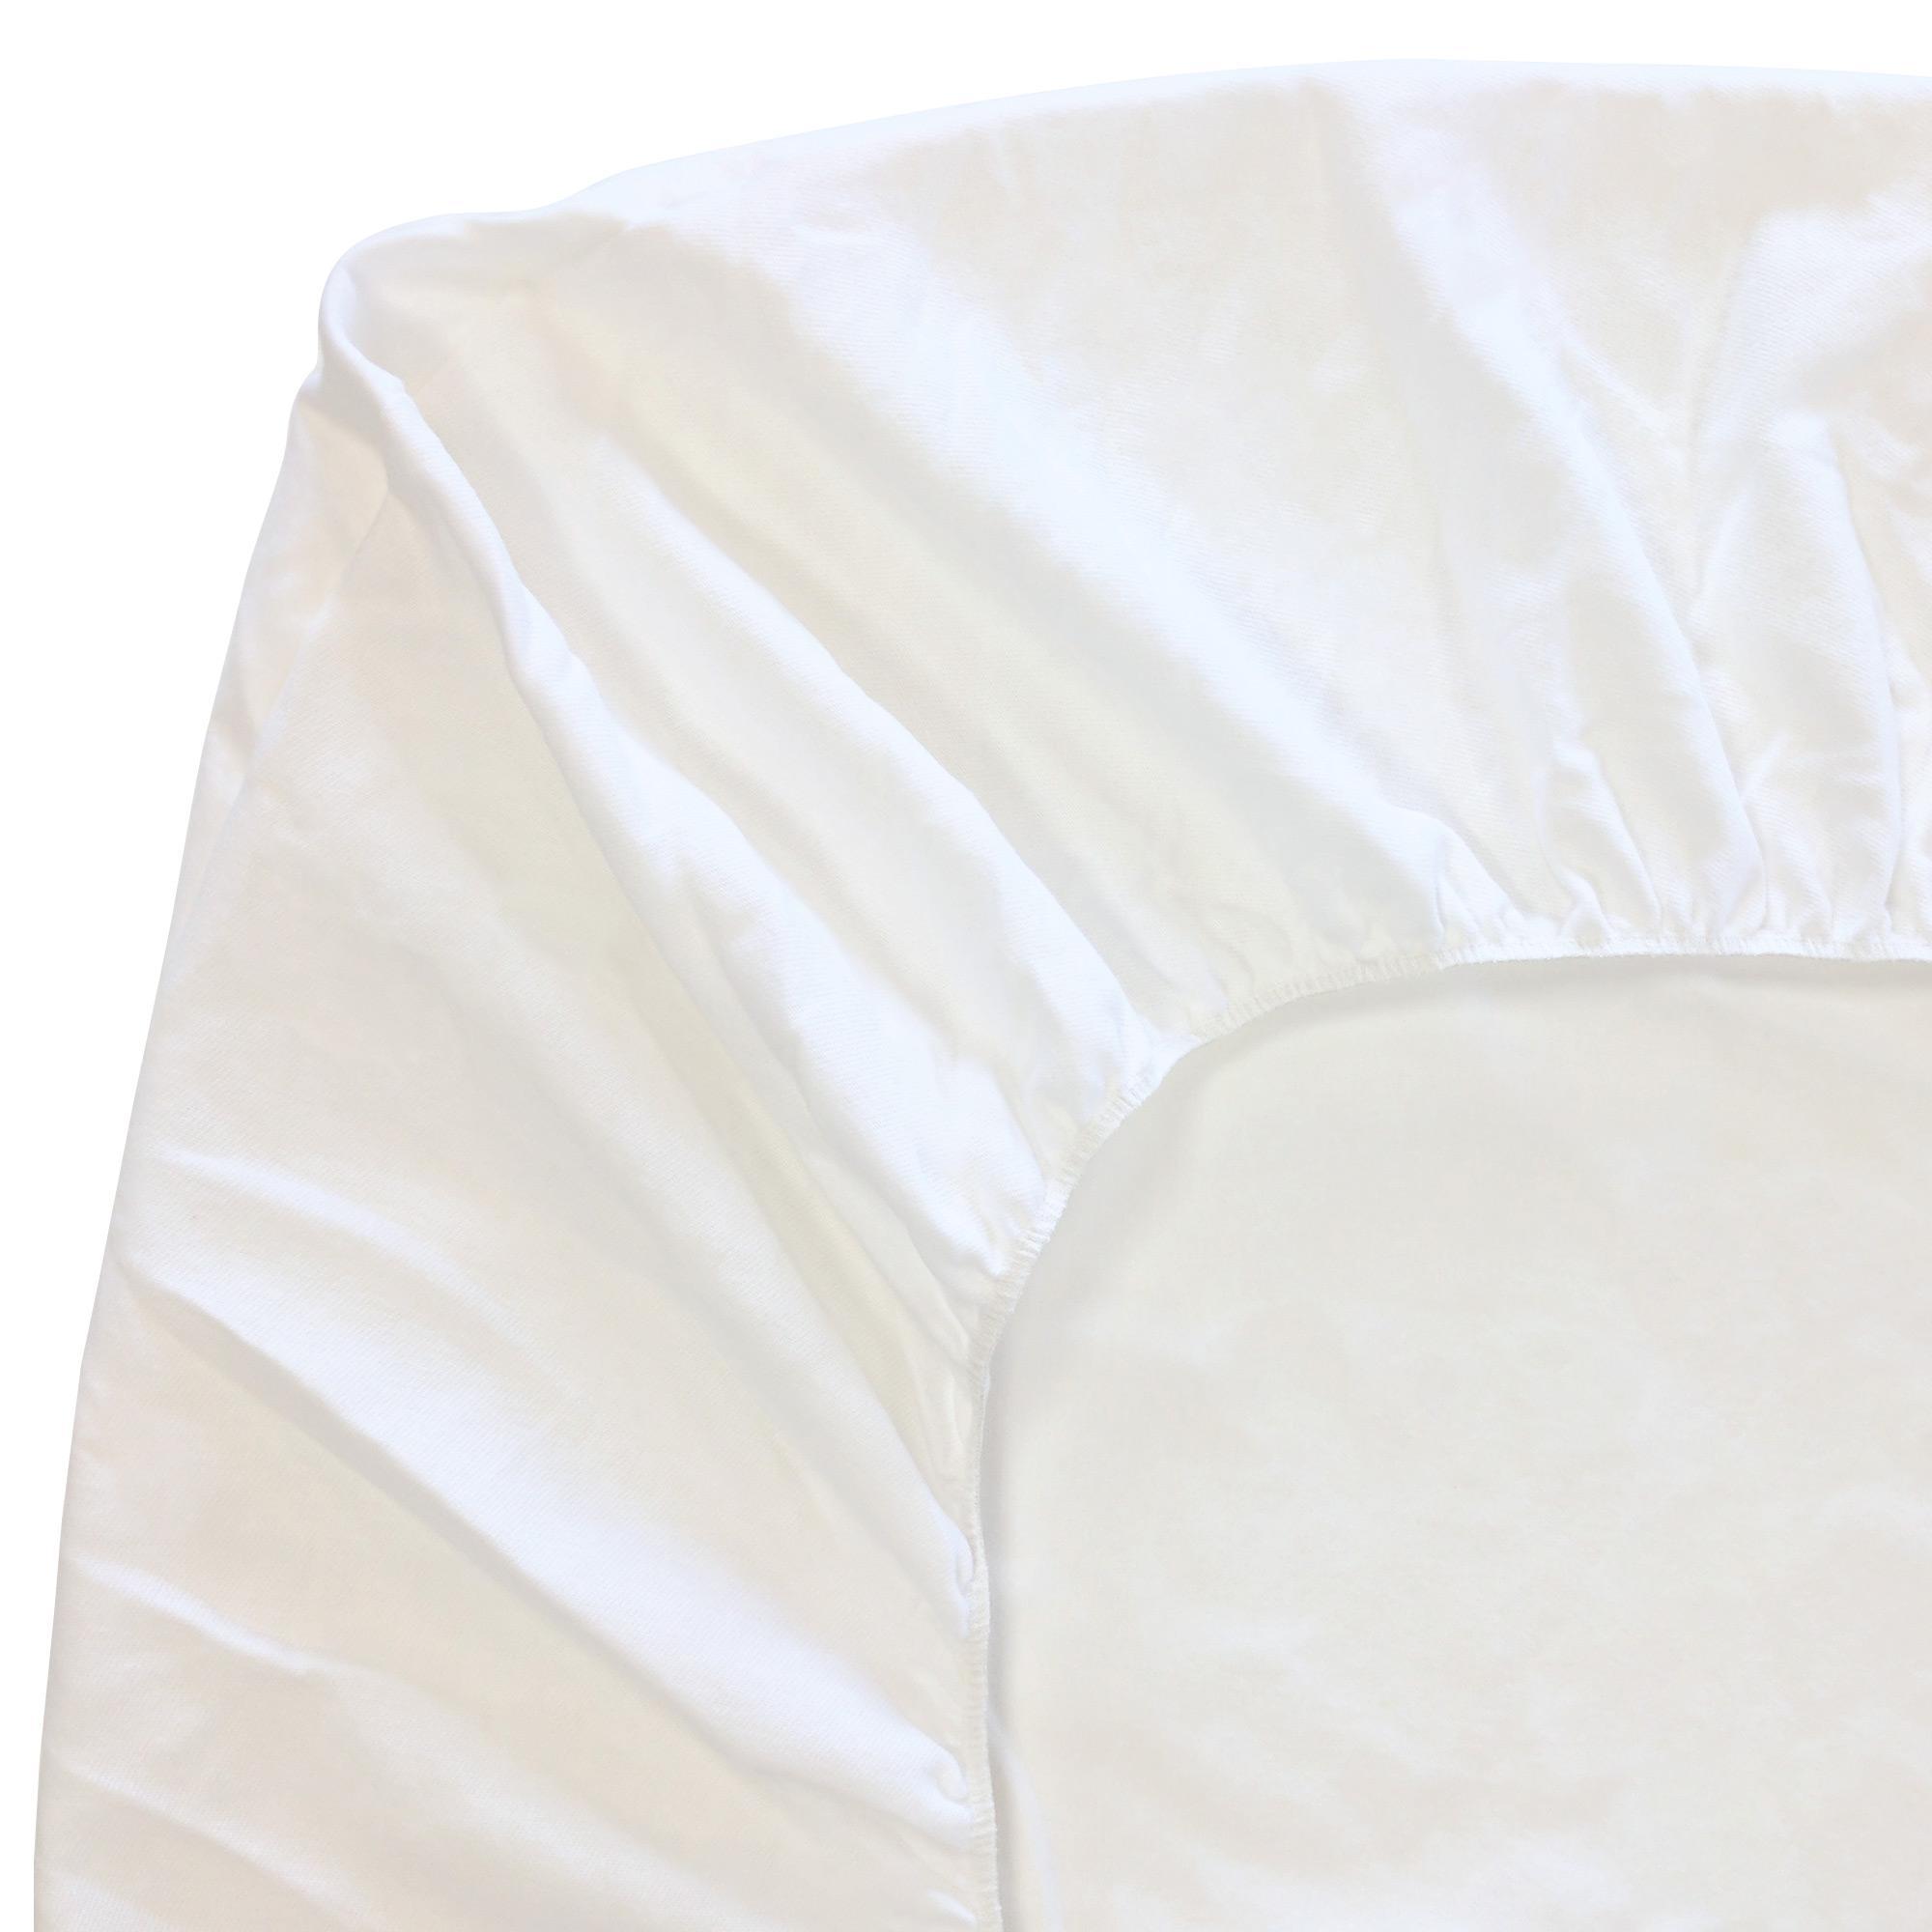 prot ge matelas 120x190 cm achua molleton 100 coton 400 g m2 bonnet 50cm linnea linge de. Black Bedroom Furniture Sets. Home Design Ideas